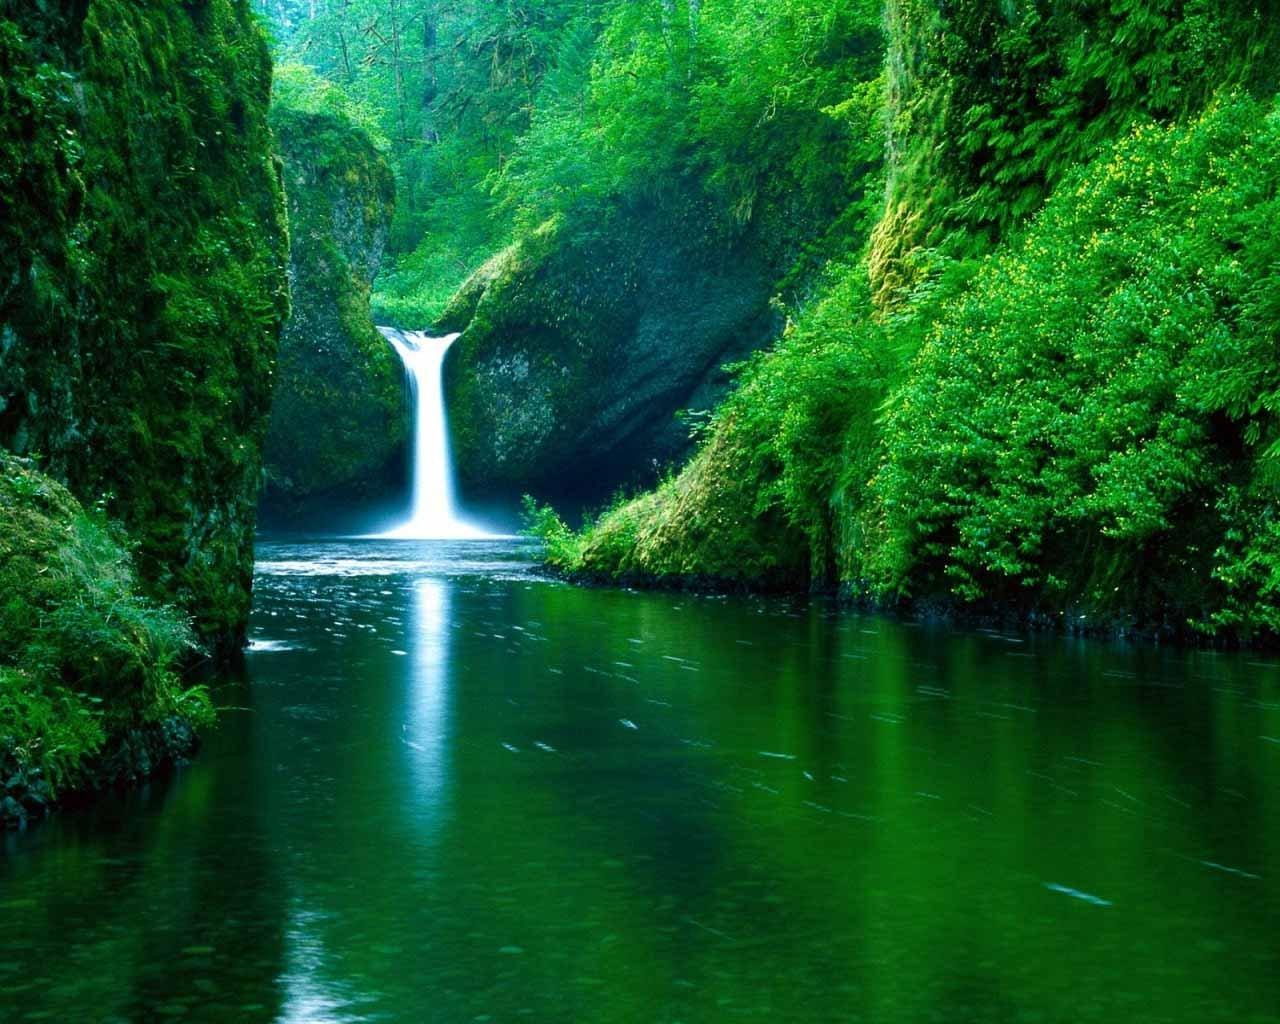 Compartiendo fondos 70 paisajes en hd para fondos de for Imagenes para fondo de escritorio hd